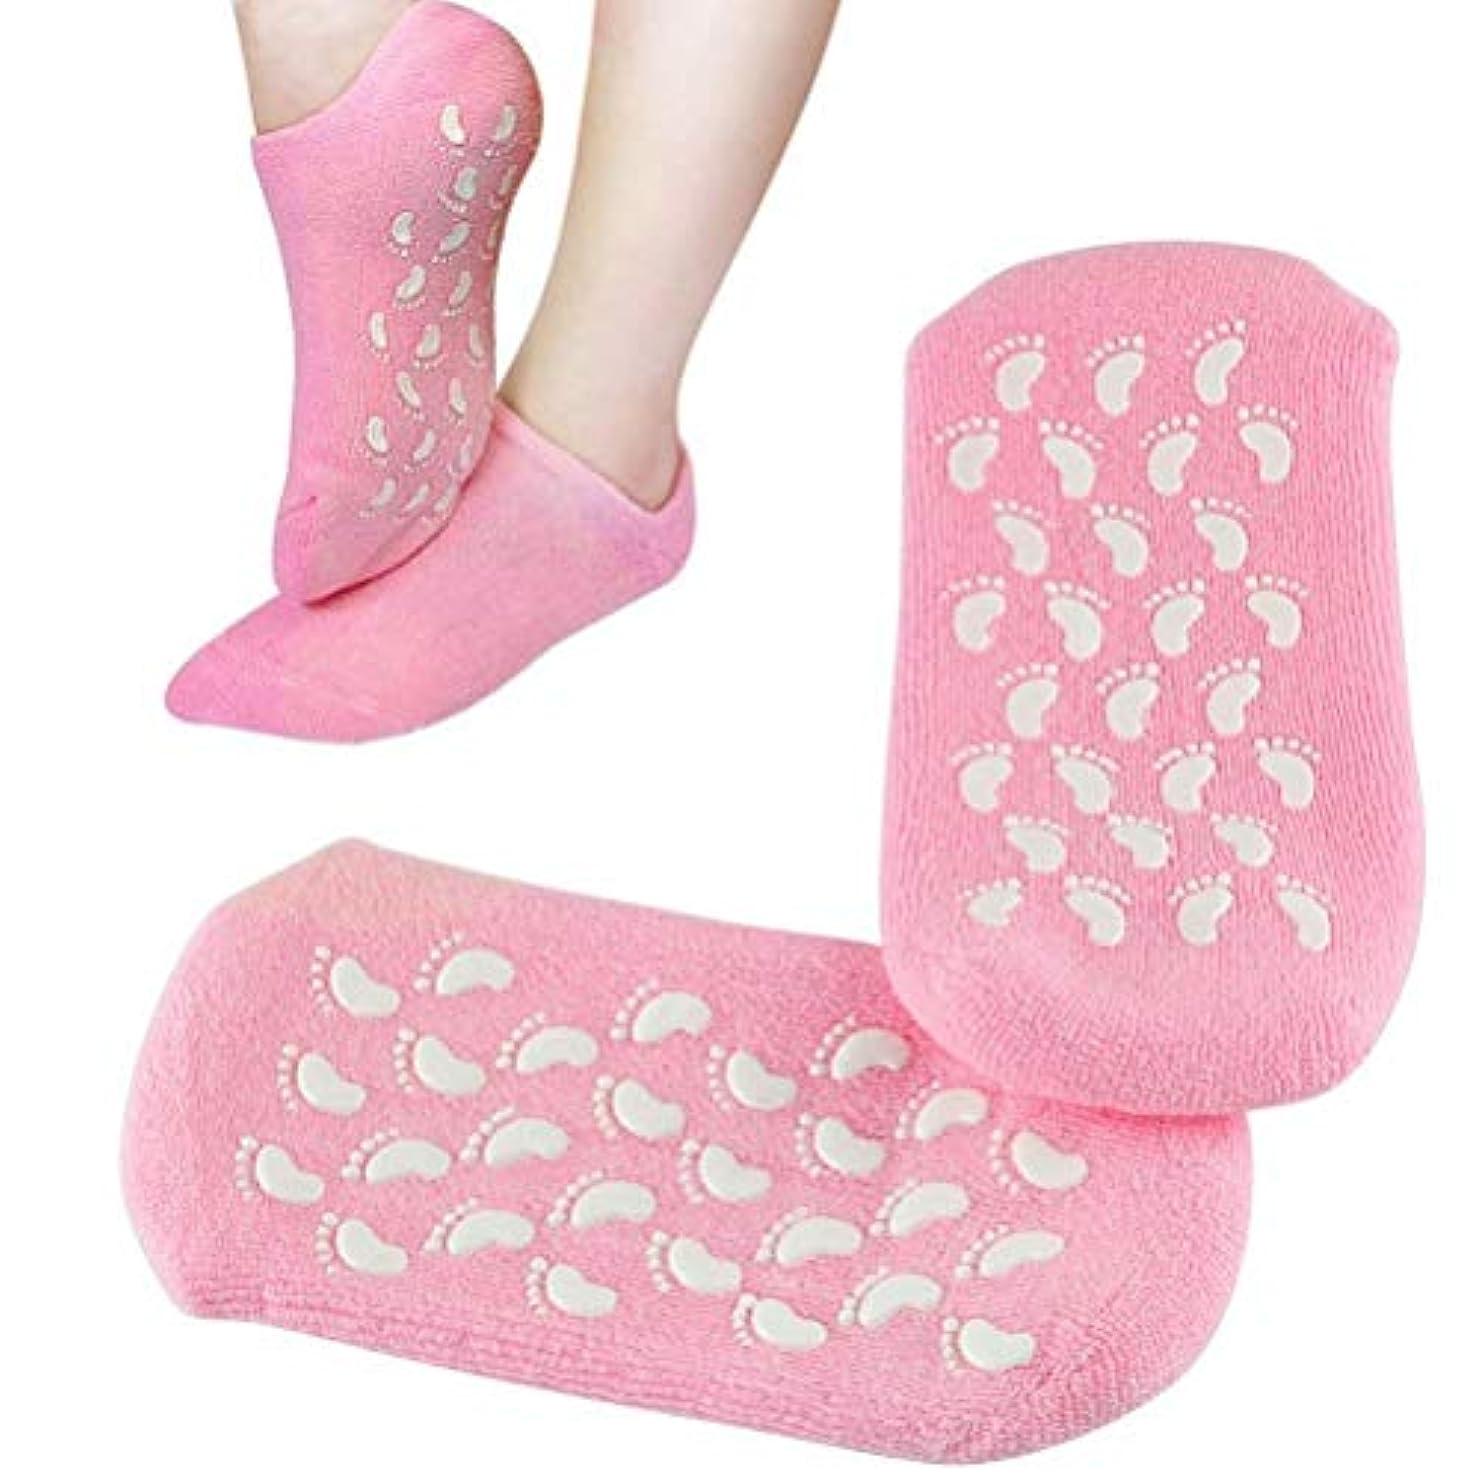 ハイジャックダンスポールPinkiou 靴下 ジェルソックス モイスチャーソックス かかと フットケアー 足の角質取り 美容 保湿 素肌ケア 角質ケア おやすみ前用 (ピンク)